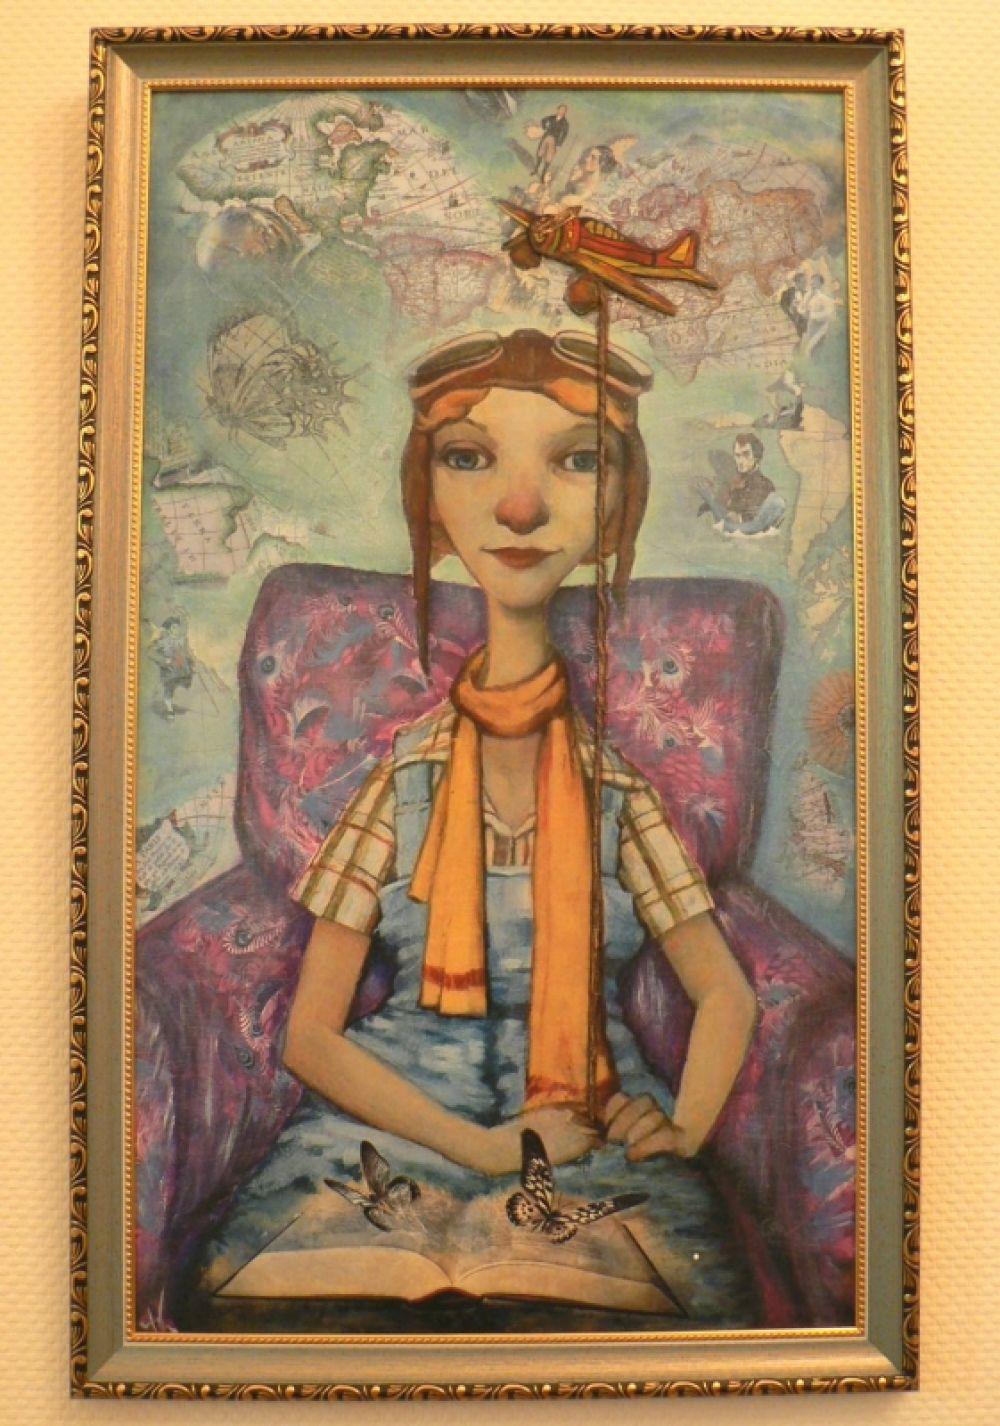 Юность Надежды КИРШ прошла под знаменем свободы, полёта фантазии и сочных красок.